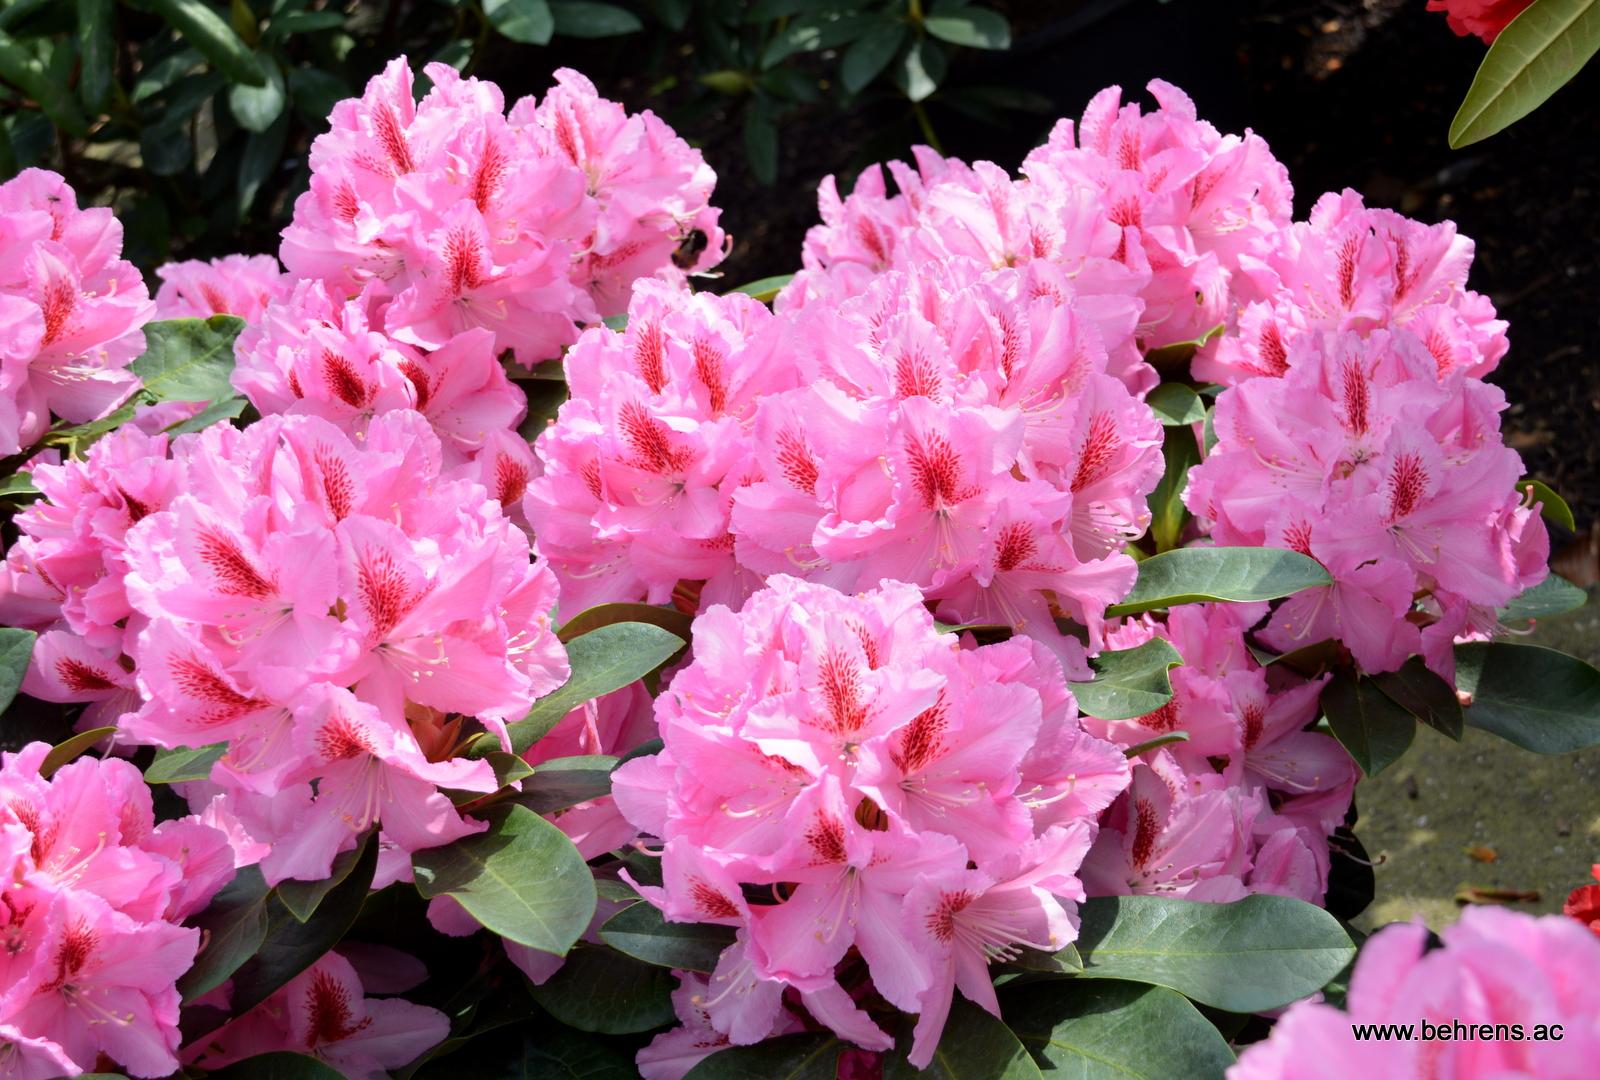 Rhododendron furnivals daughter behrens gartengestaltung for Gartengestaltung rhododendron